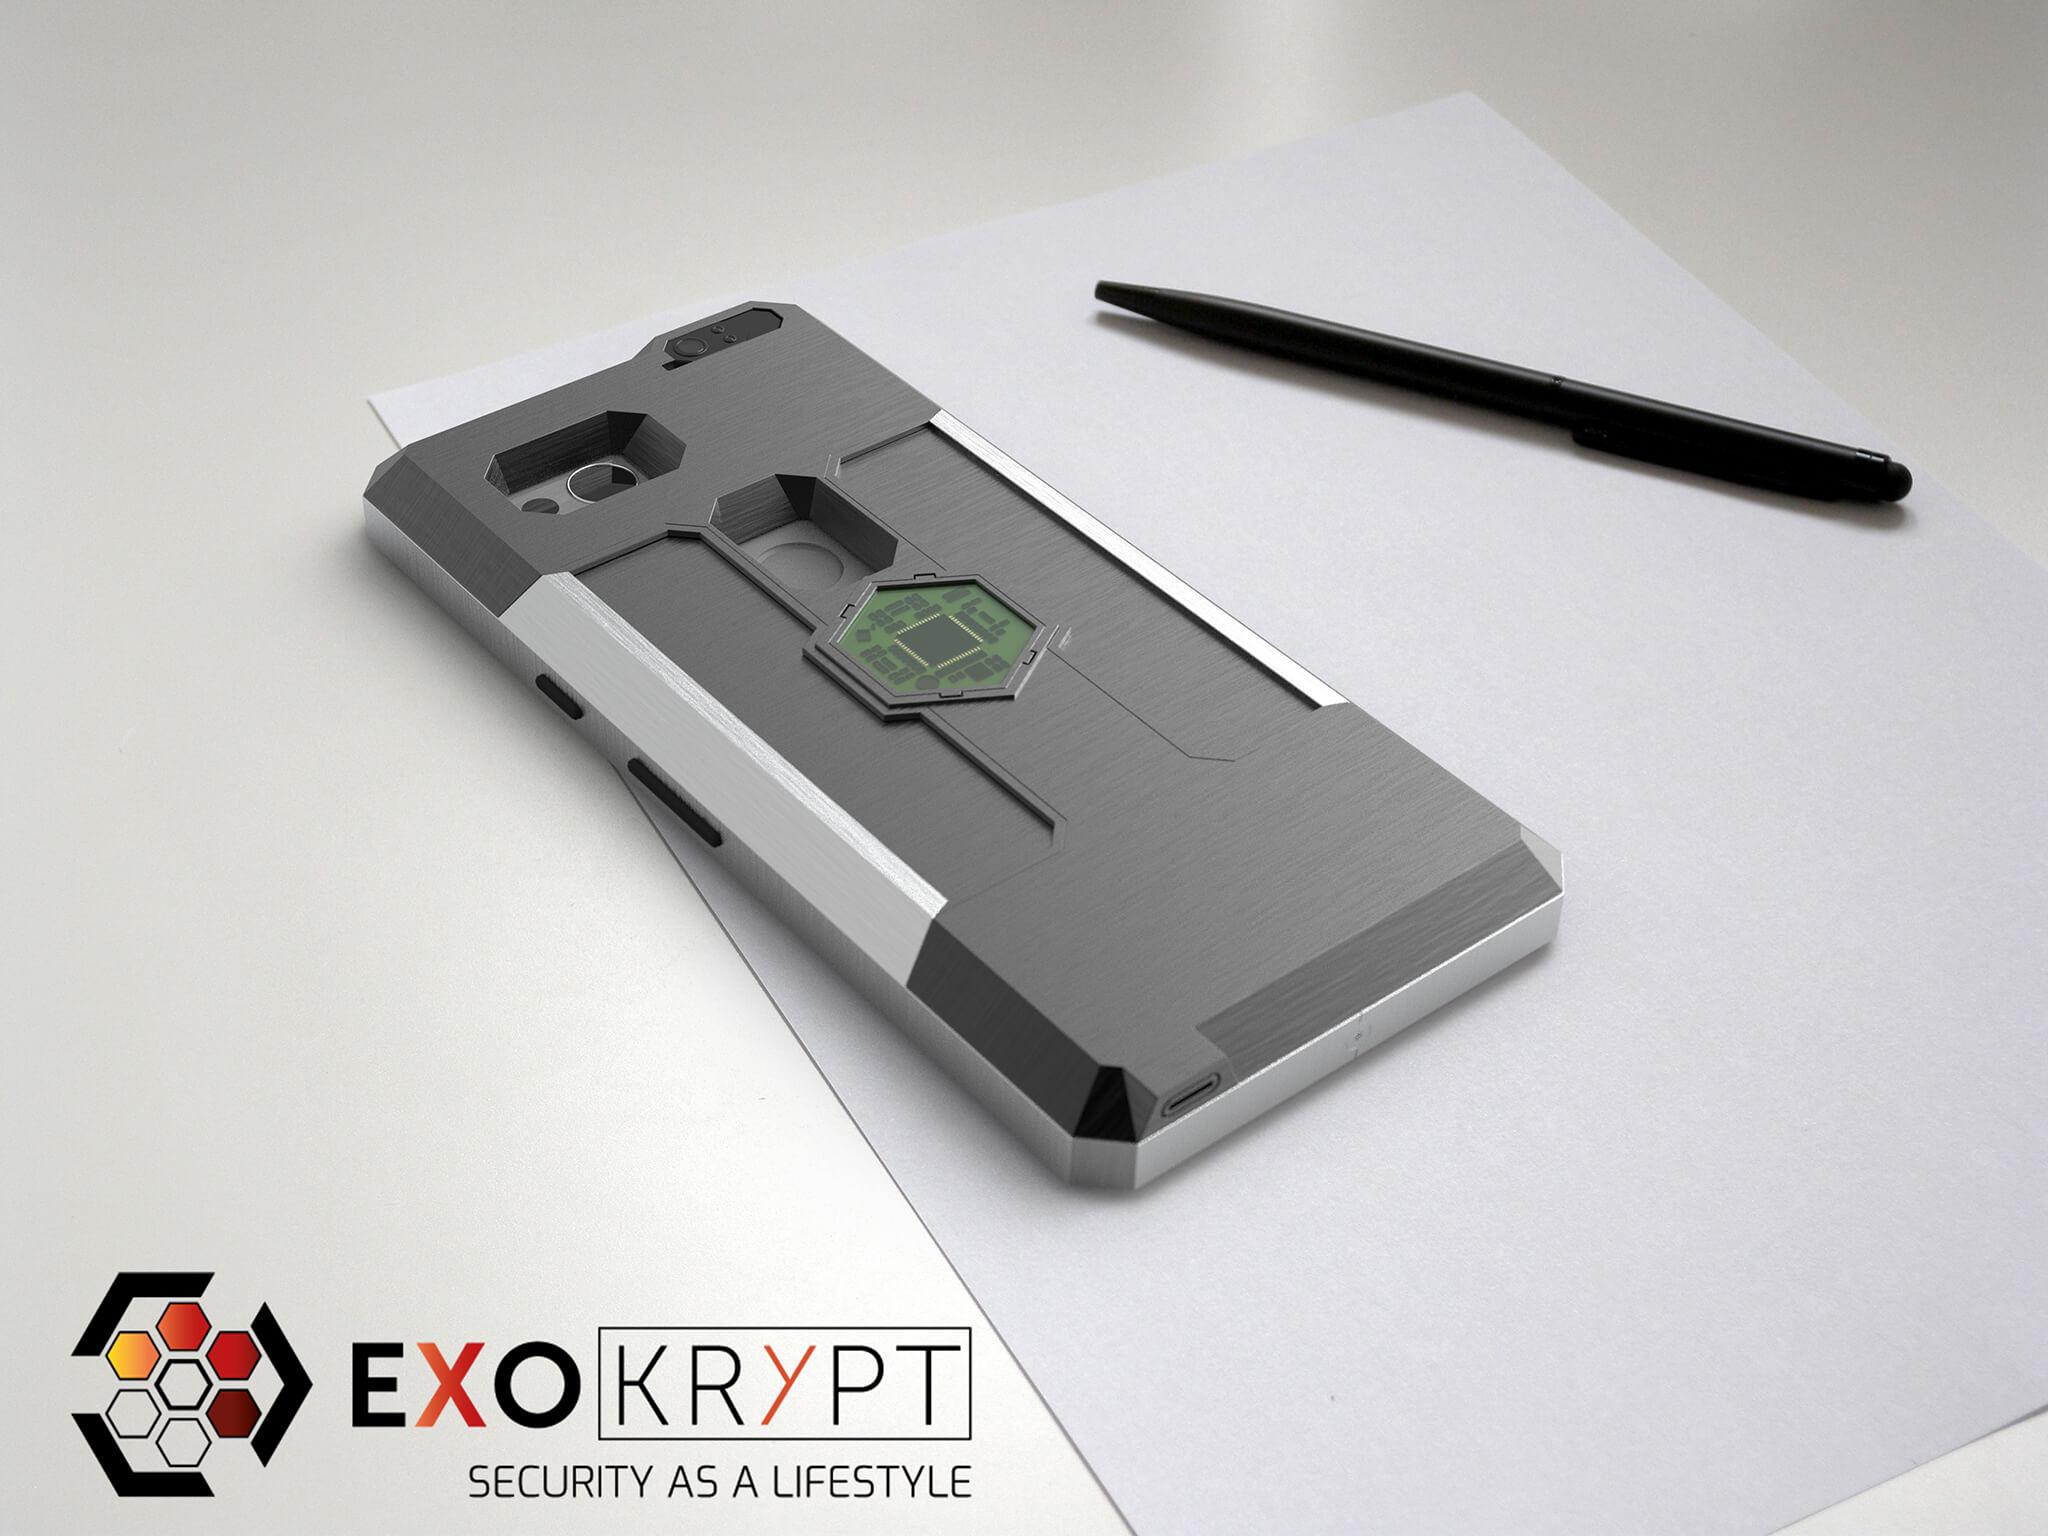 ExoShield BUSINESS Smartphone Case - Brushed Metal Frame - Graue Inlets auf einem Tisch auf einem Papierblatt liegend mit Kugelschreiber daneben